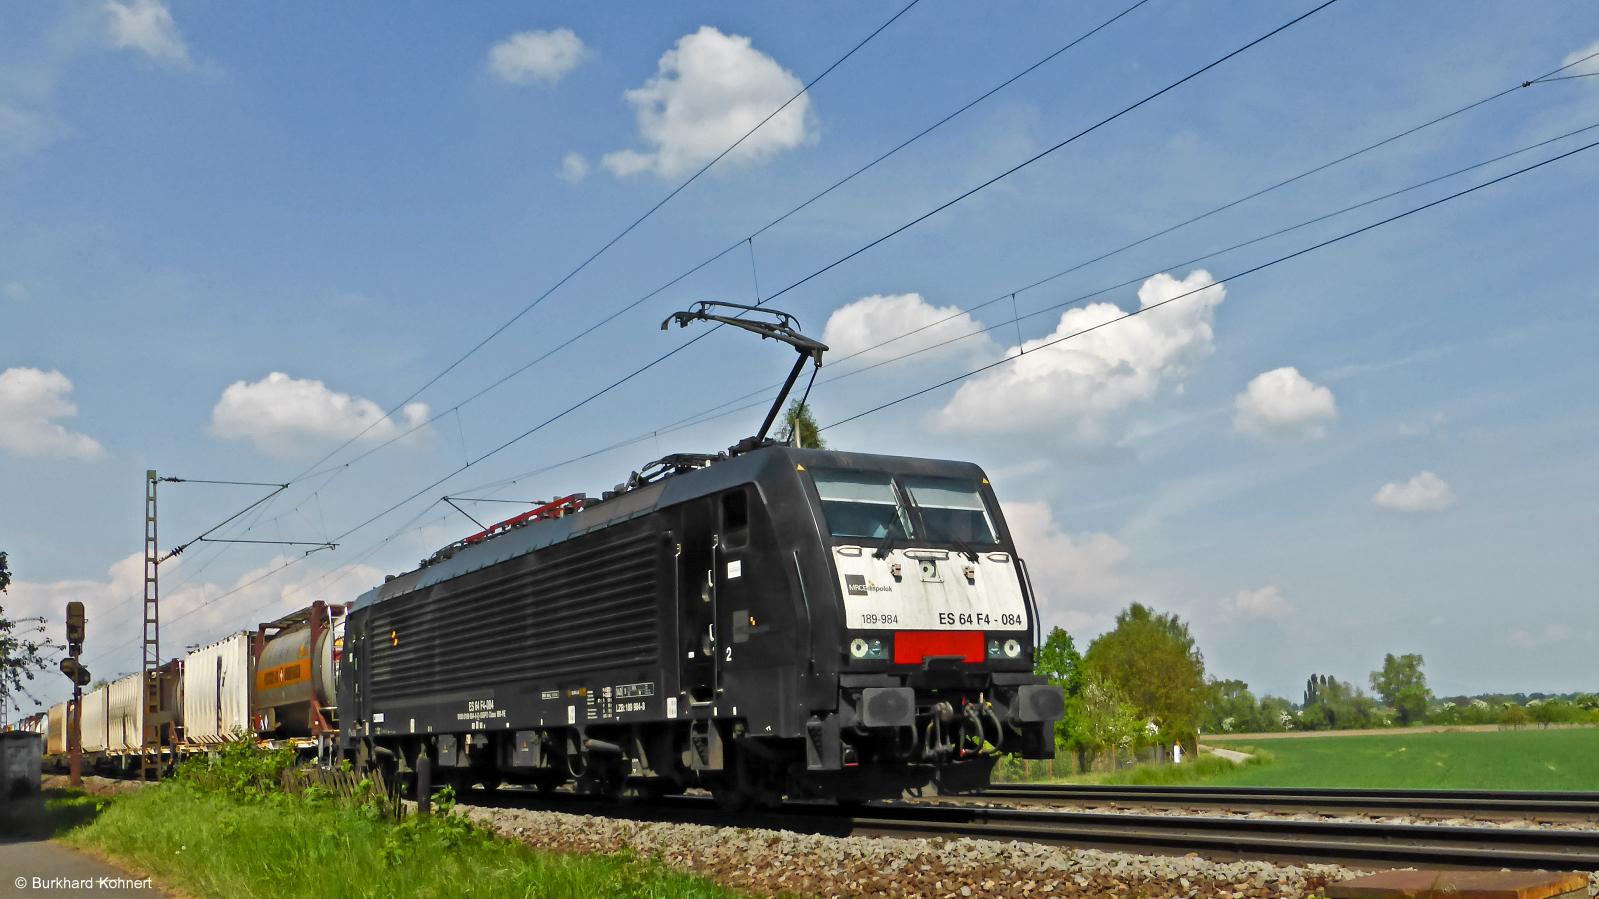 189 984 ES 64 F4-084 MRCE-dispolok mit einem gem. Güterzug